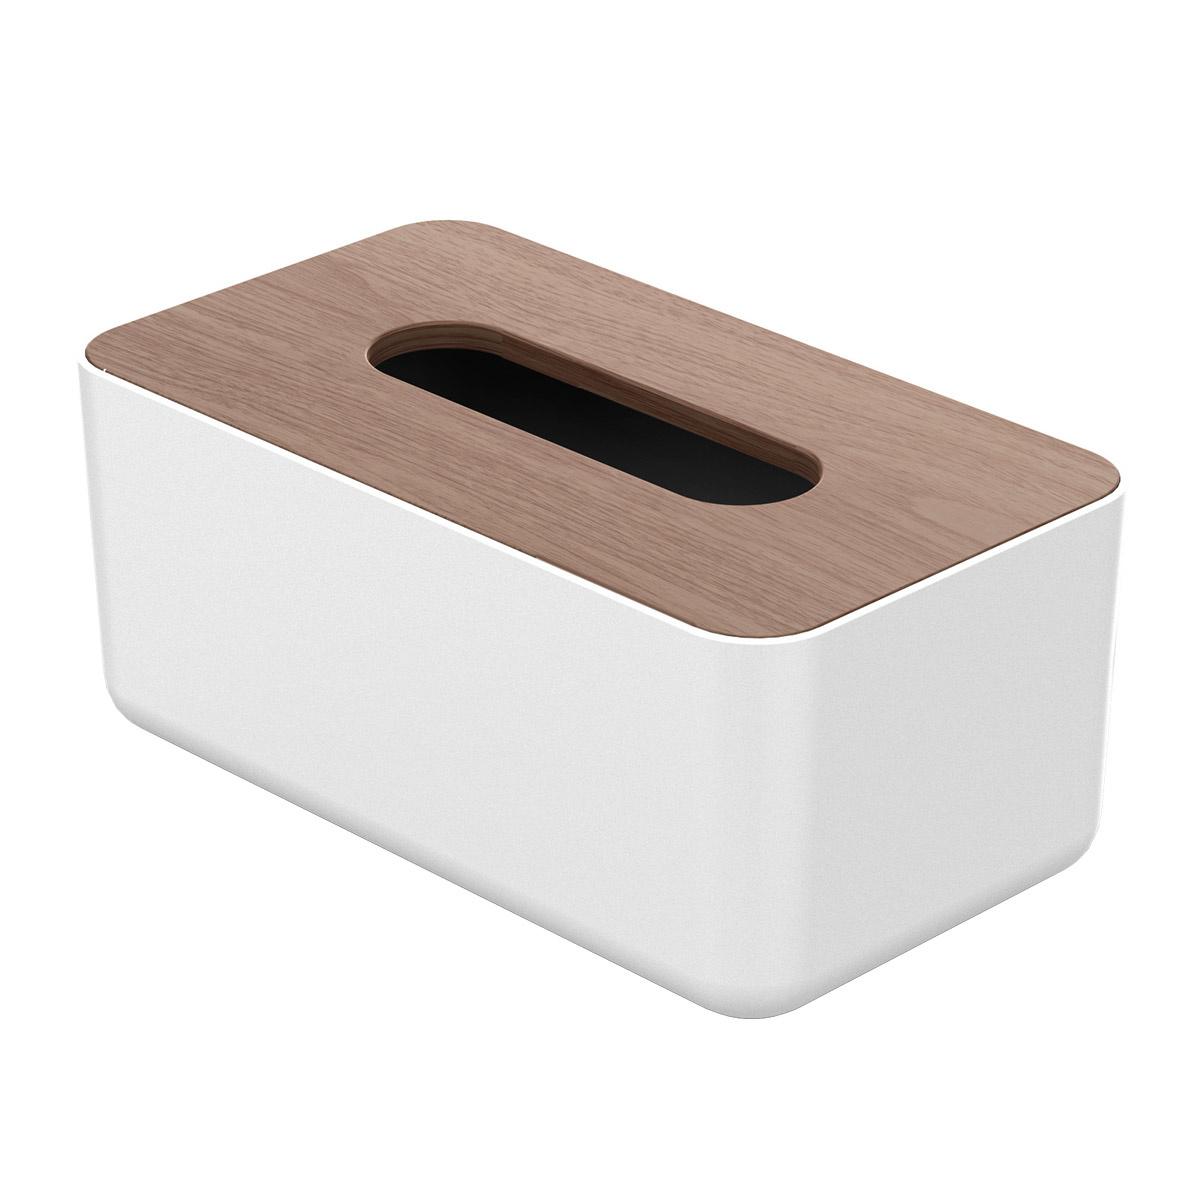 Beste Tissue box houder hout-look - Orico CH-47